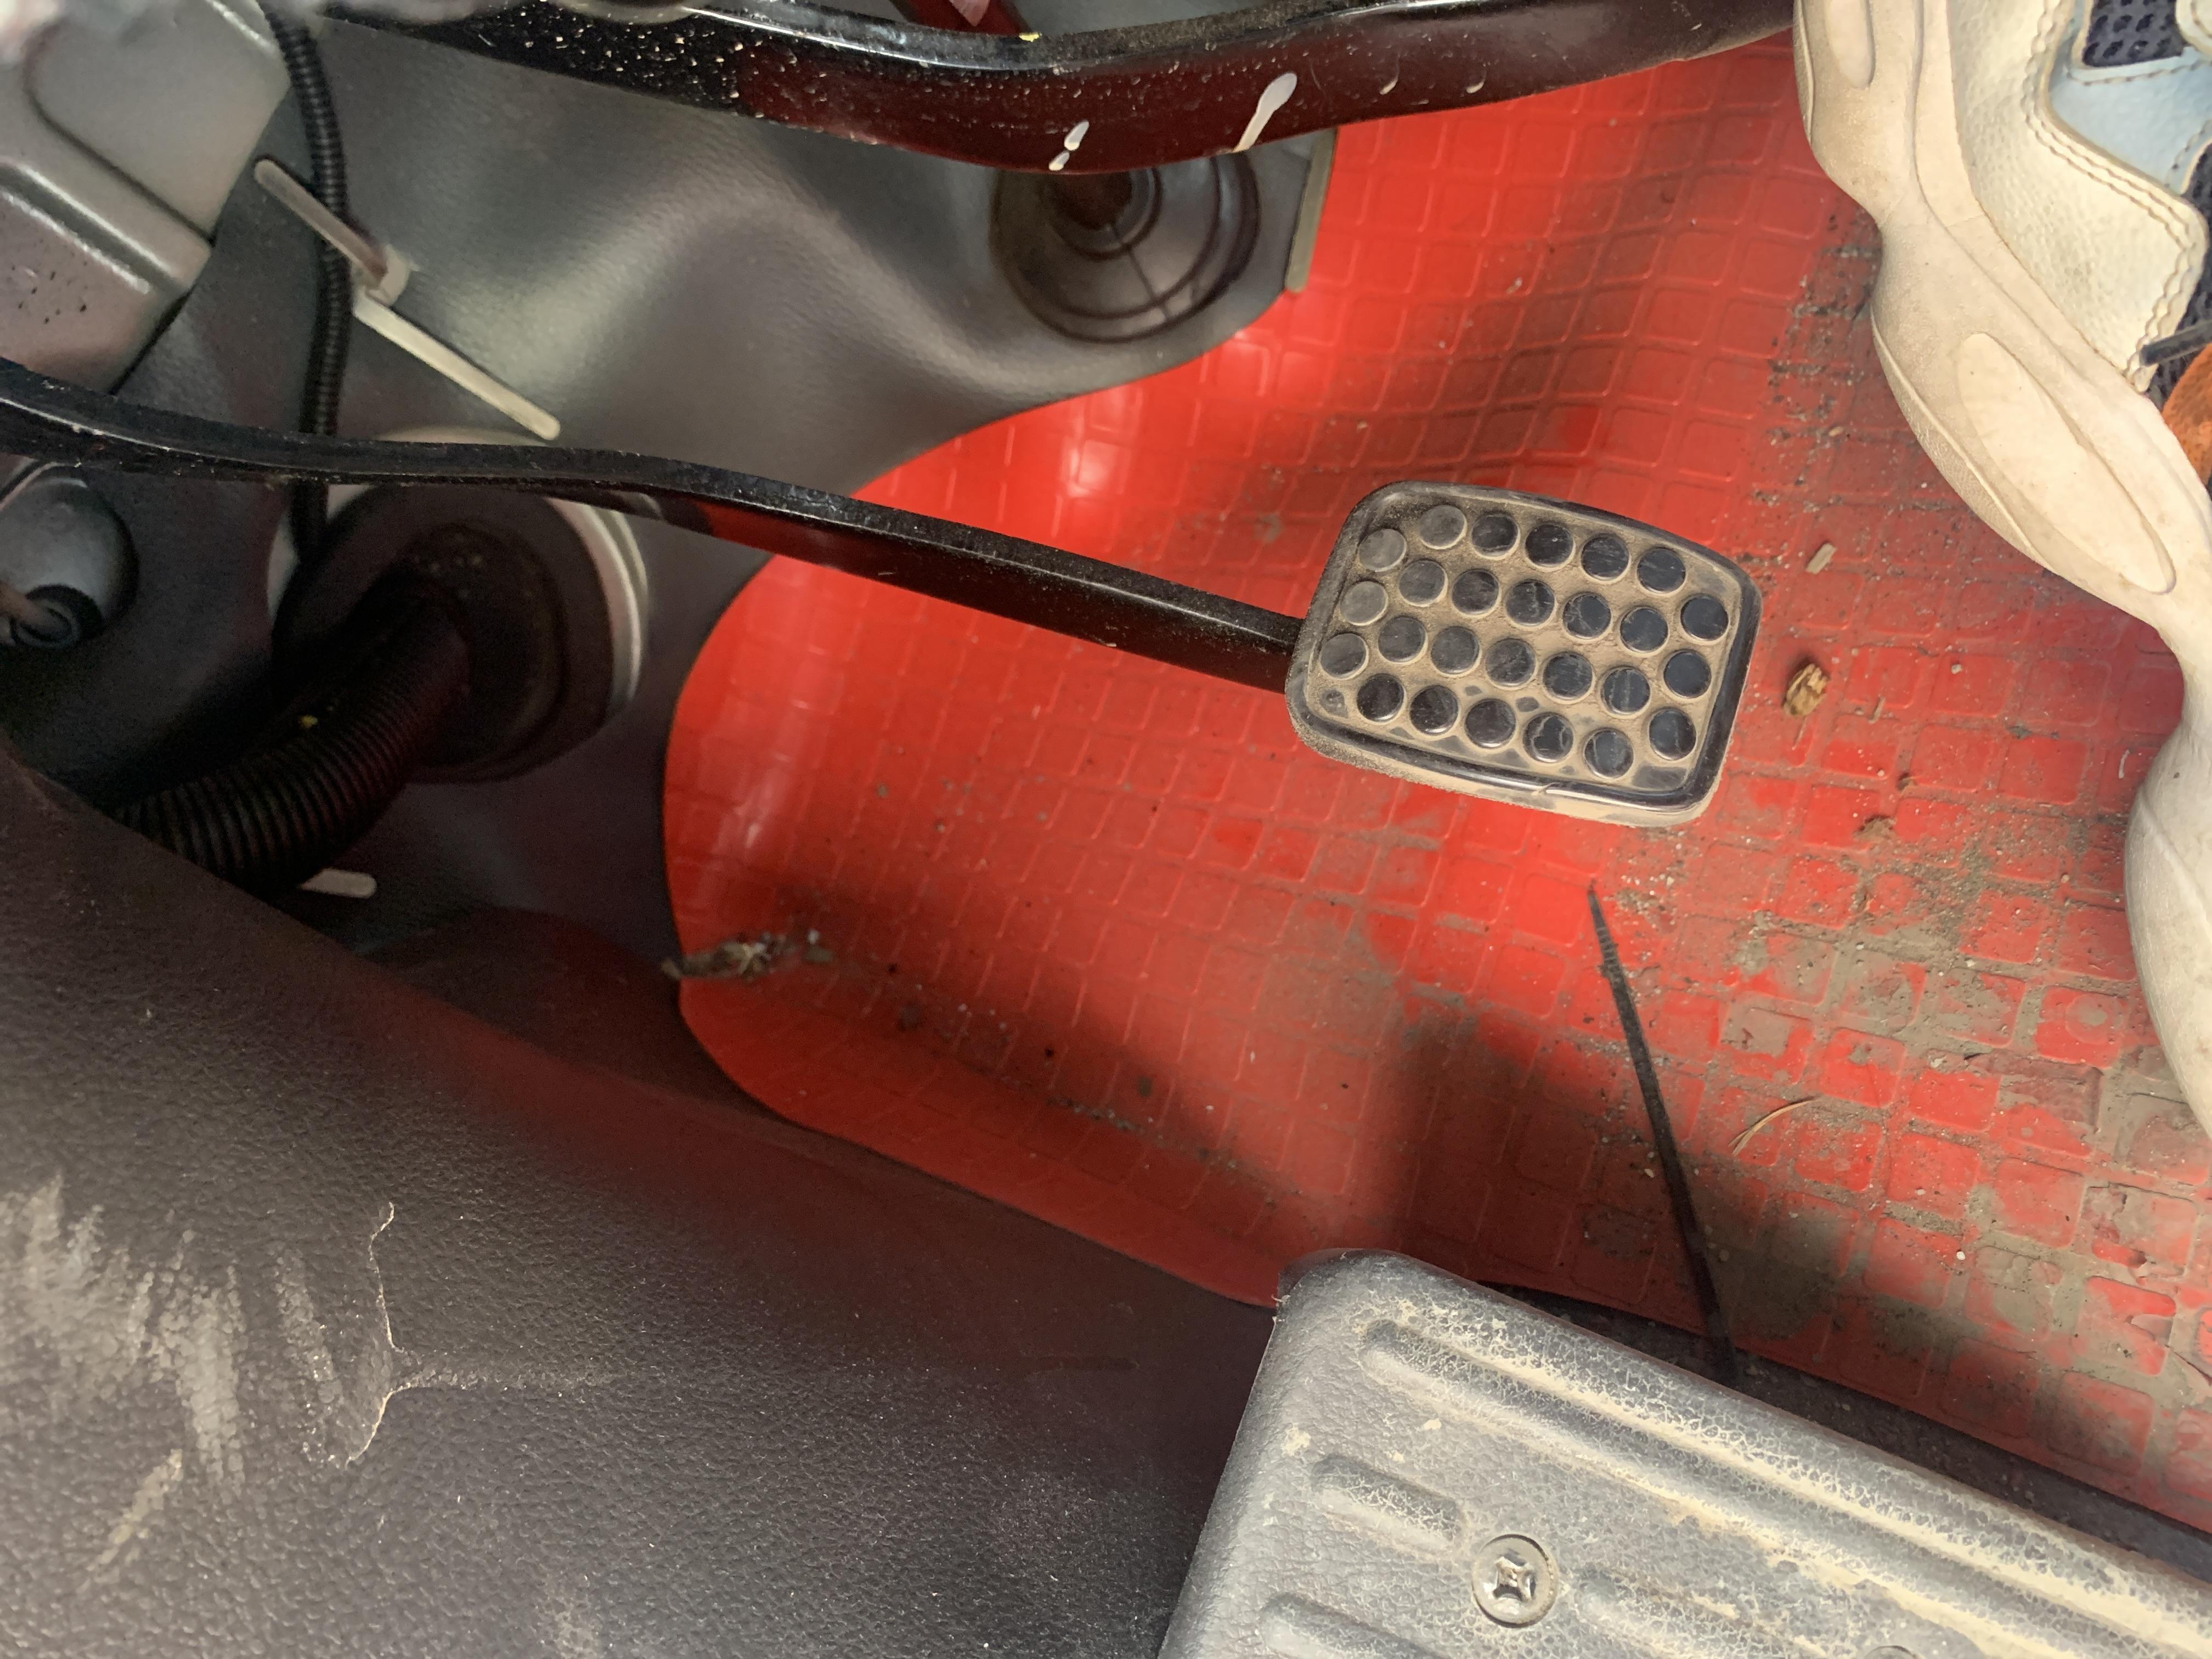 上汽通用五菱荣光小卡车辆离合器与空调系统有异常异响,4S店无法提供彻底解决问题的方法